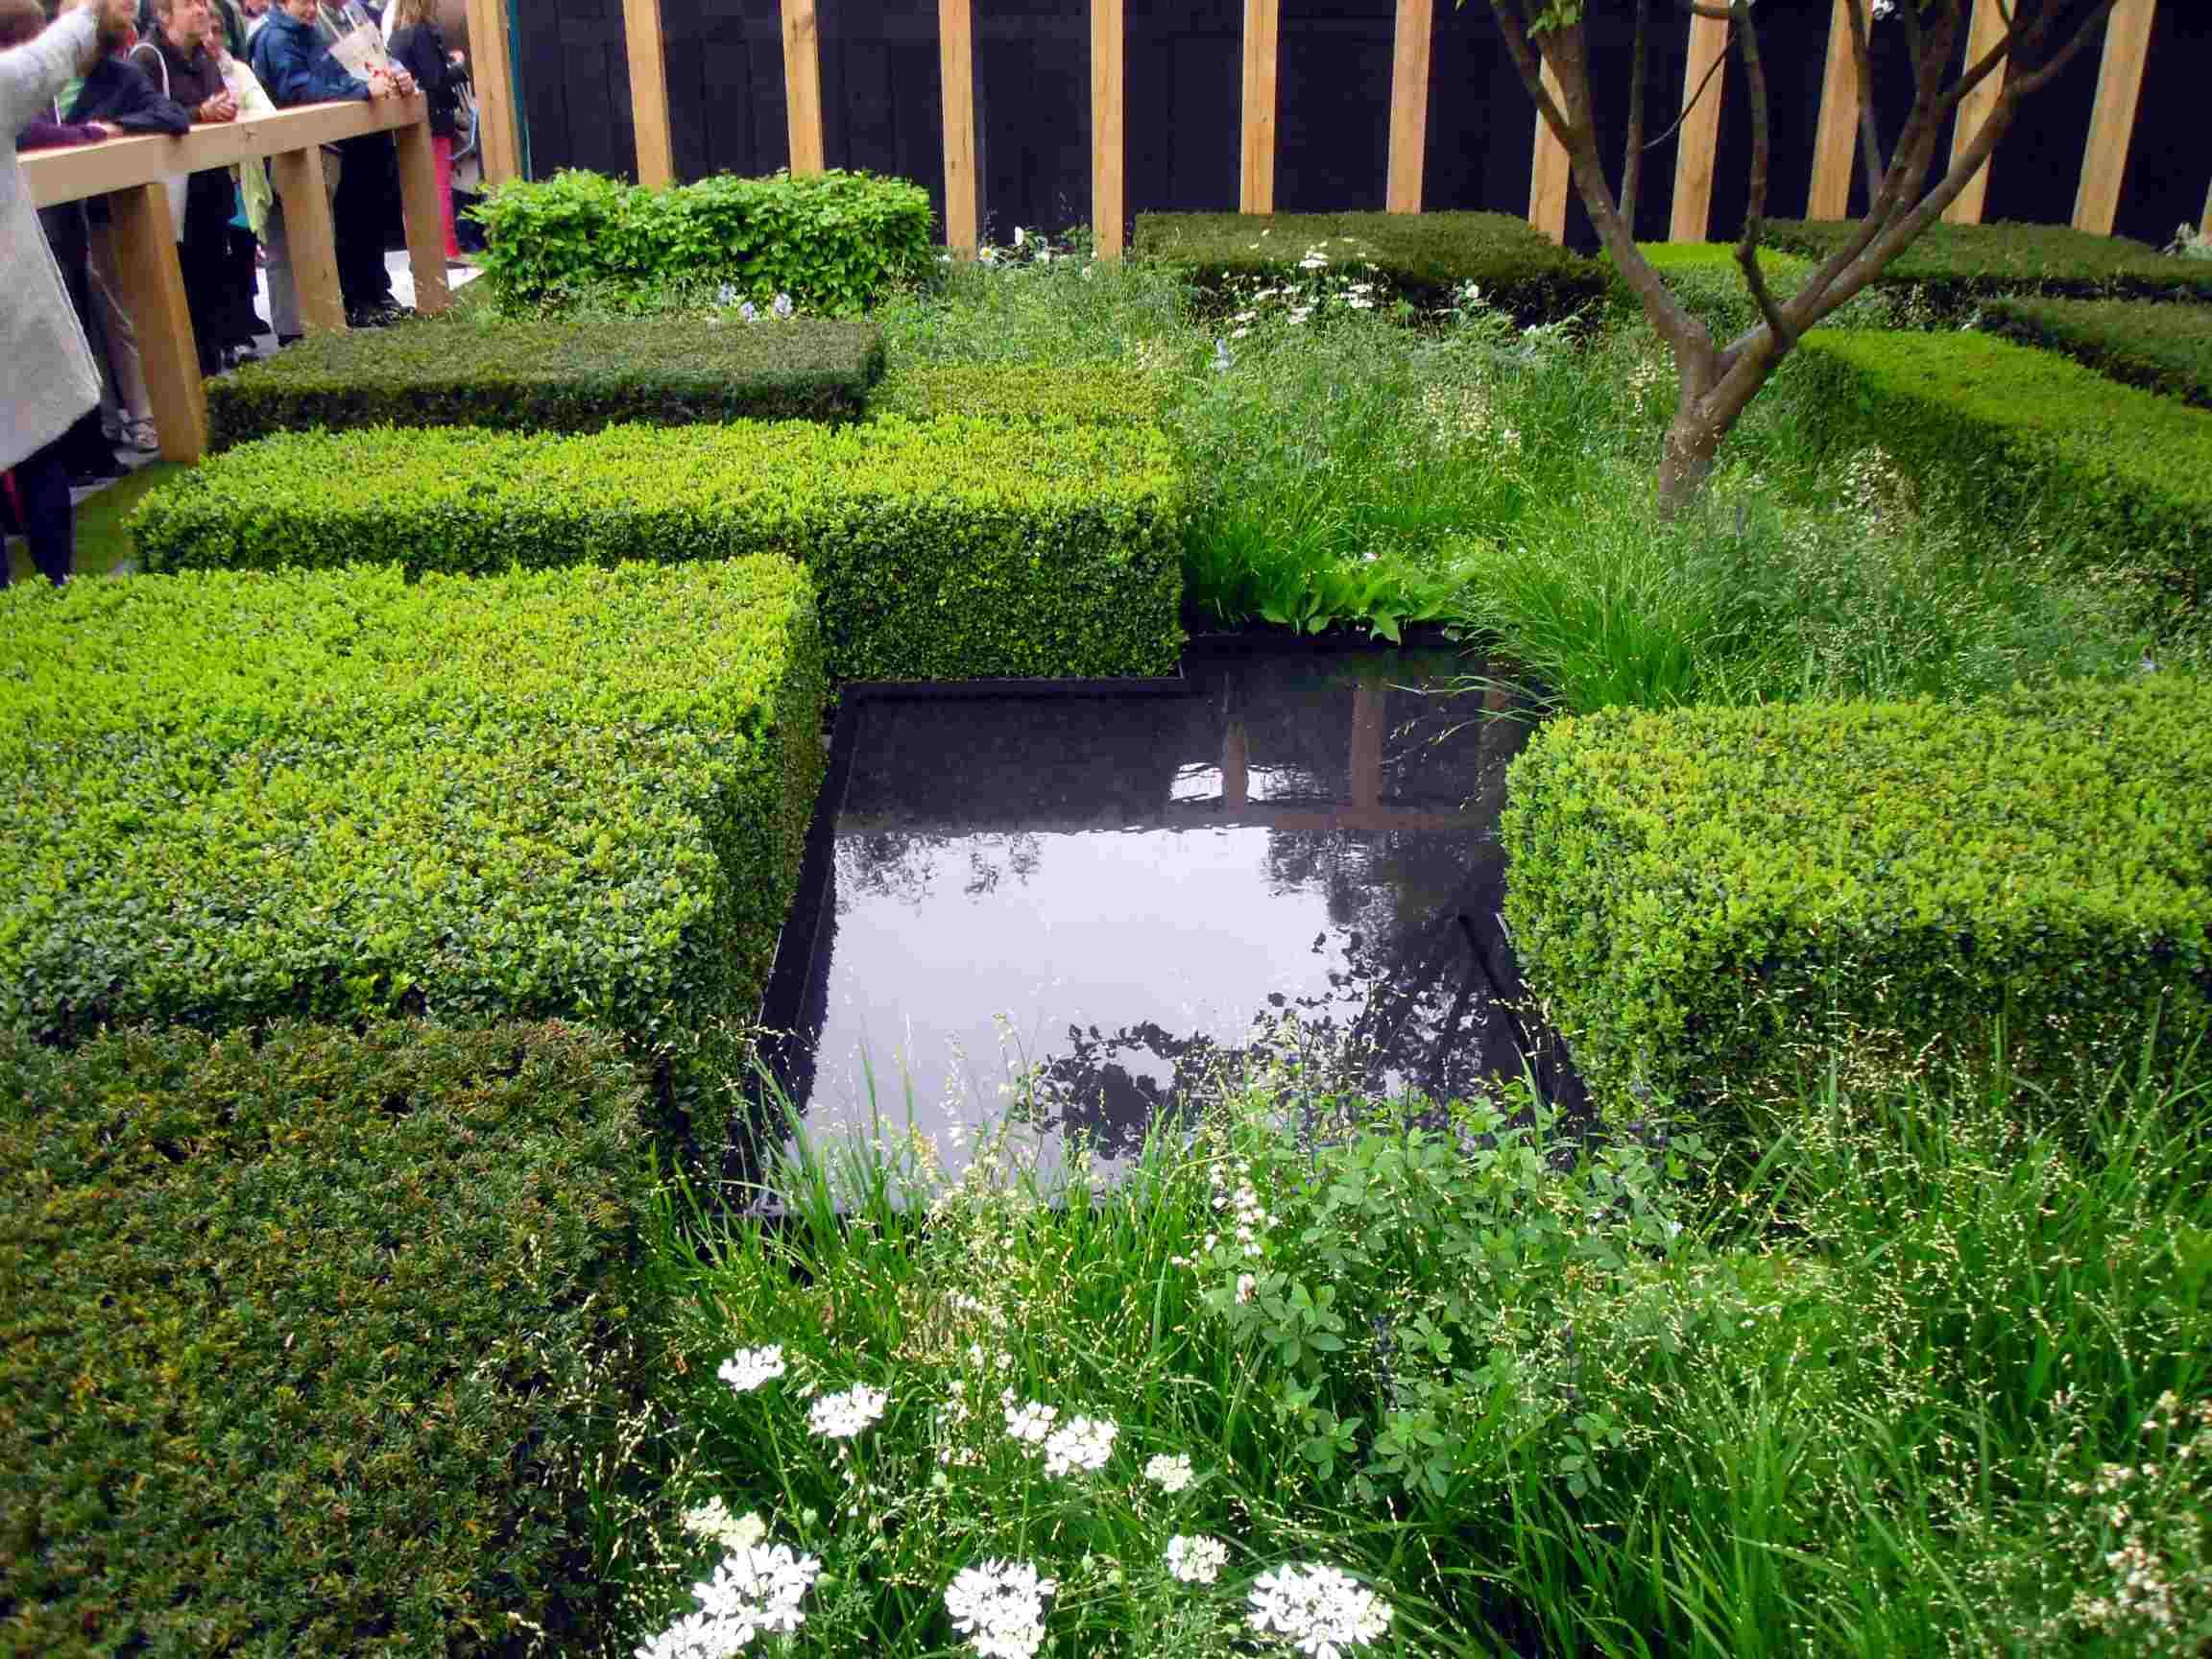 Gartenbilder Von Gärten Wir Besucht Haben